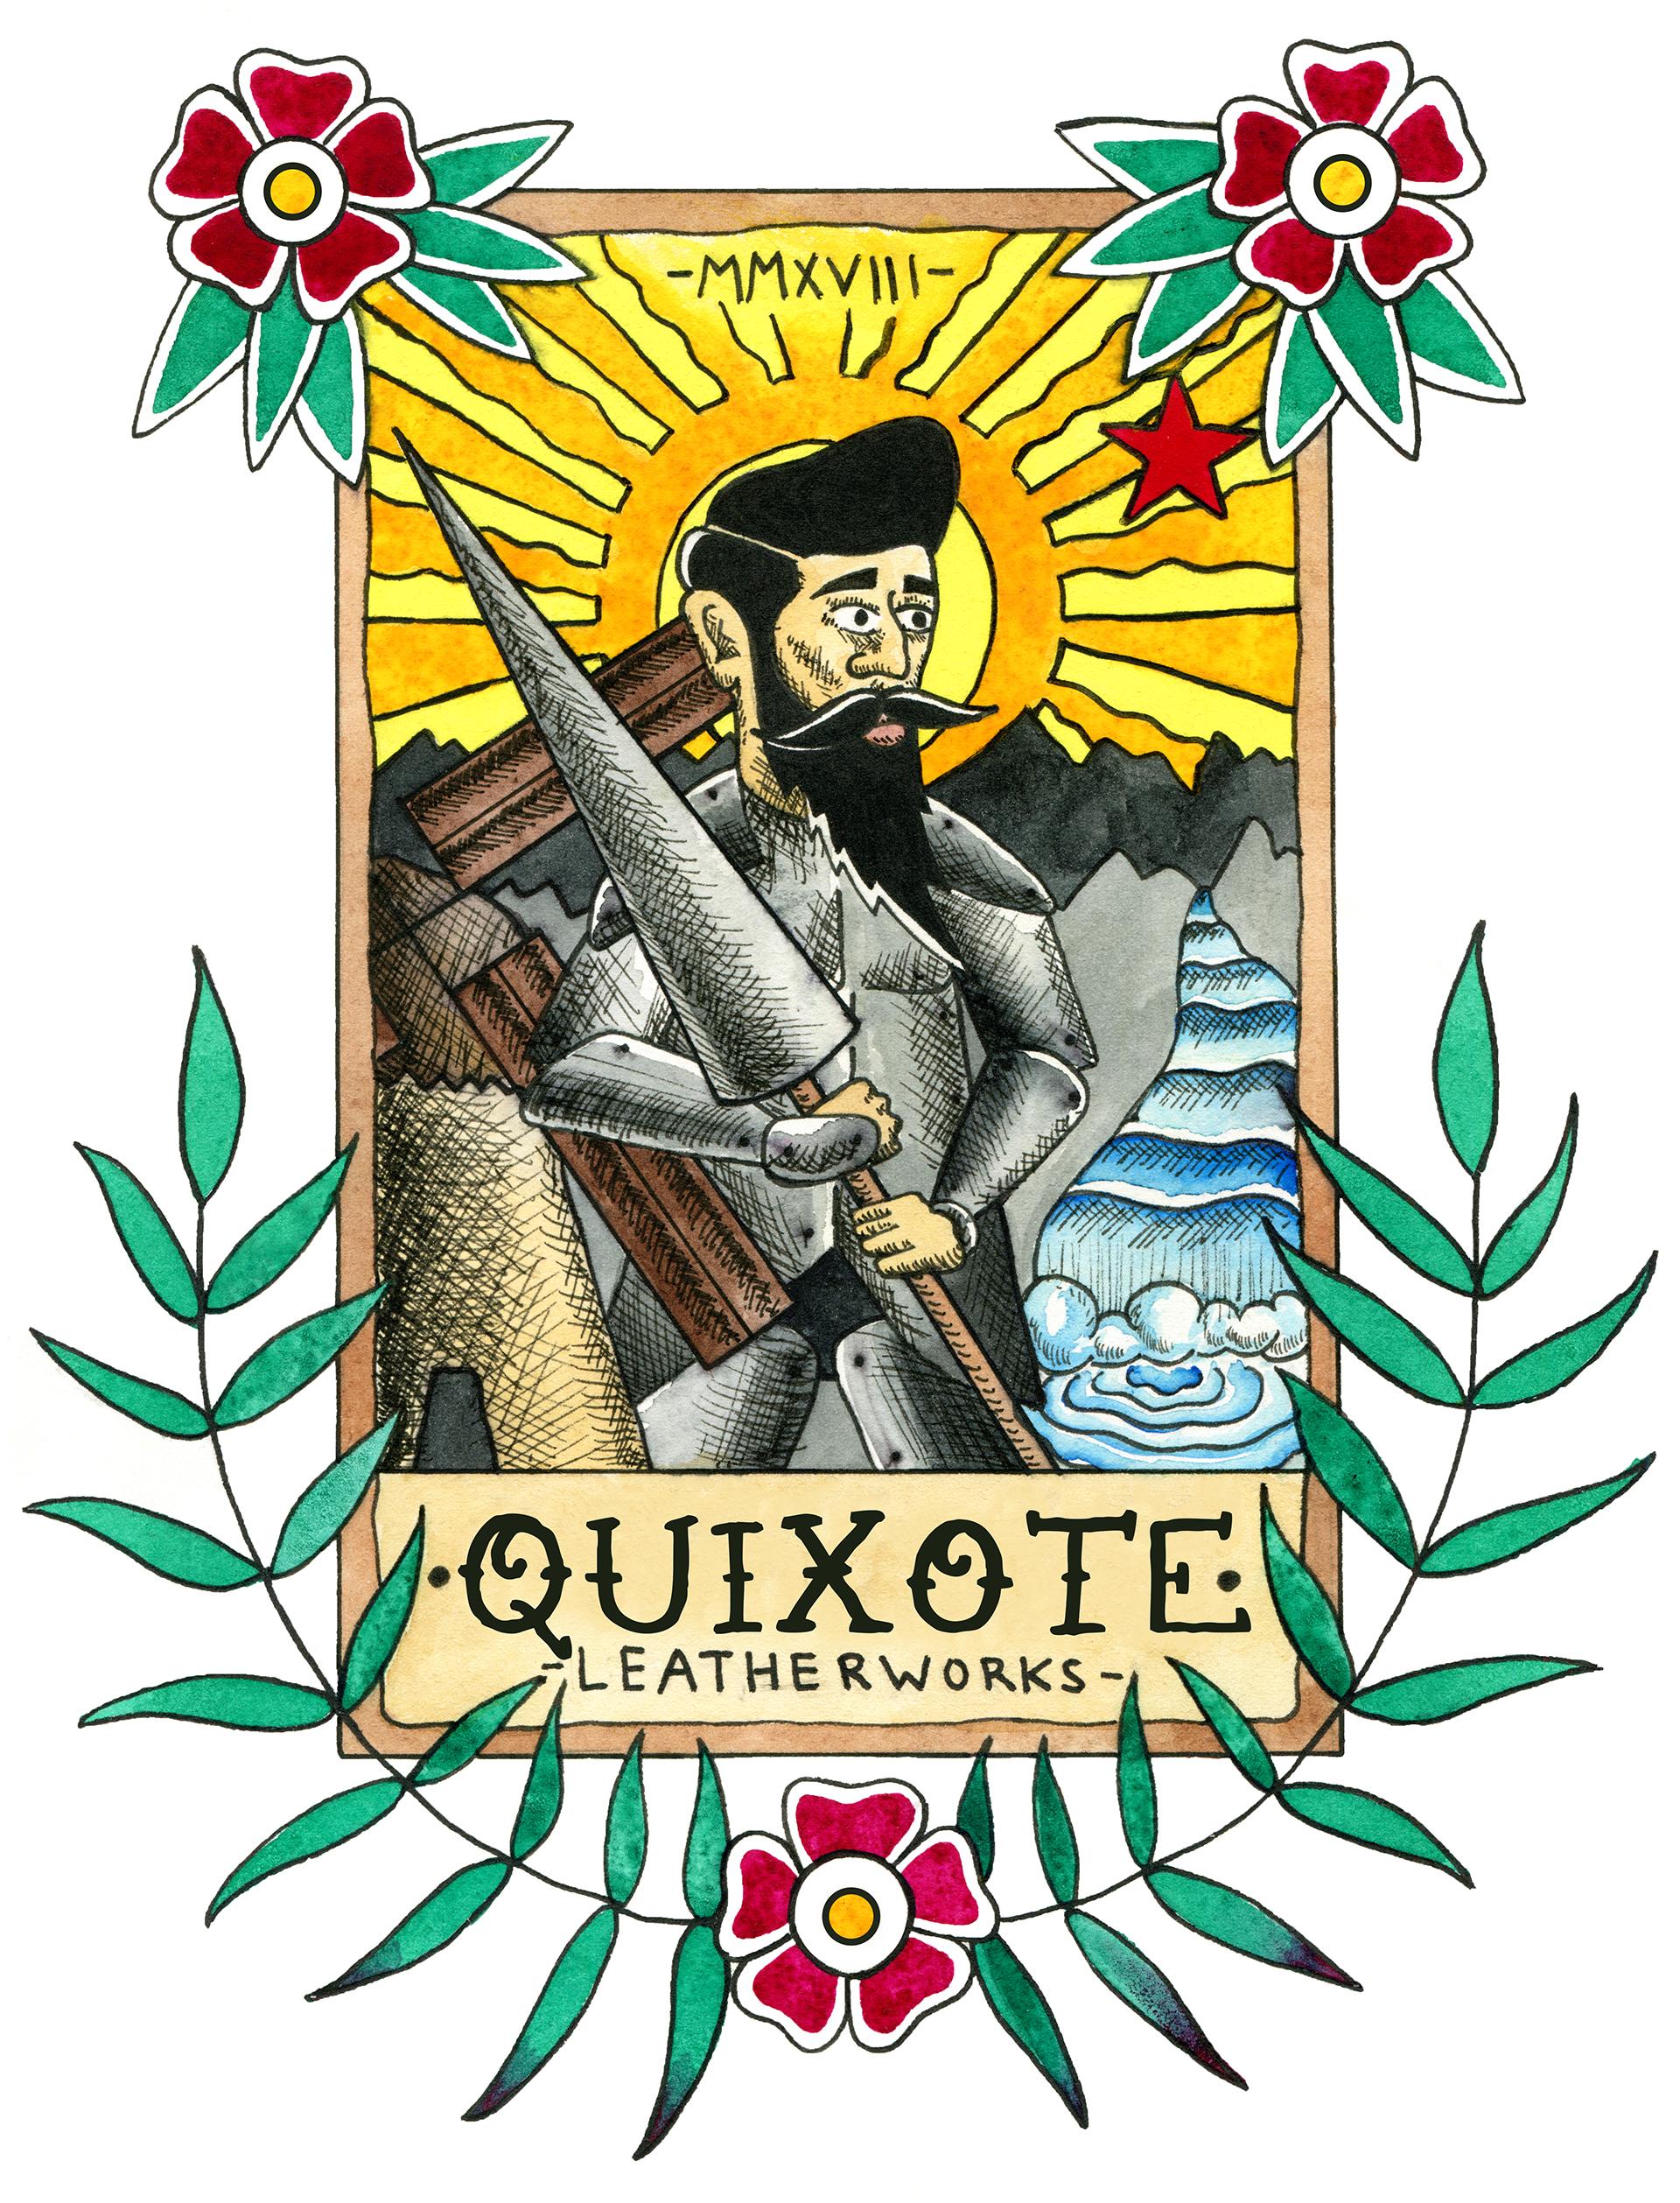 Quixote Leatherworks Design